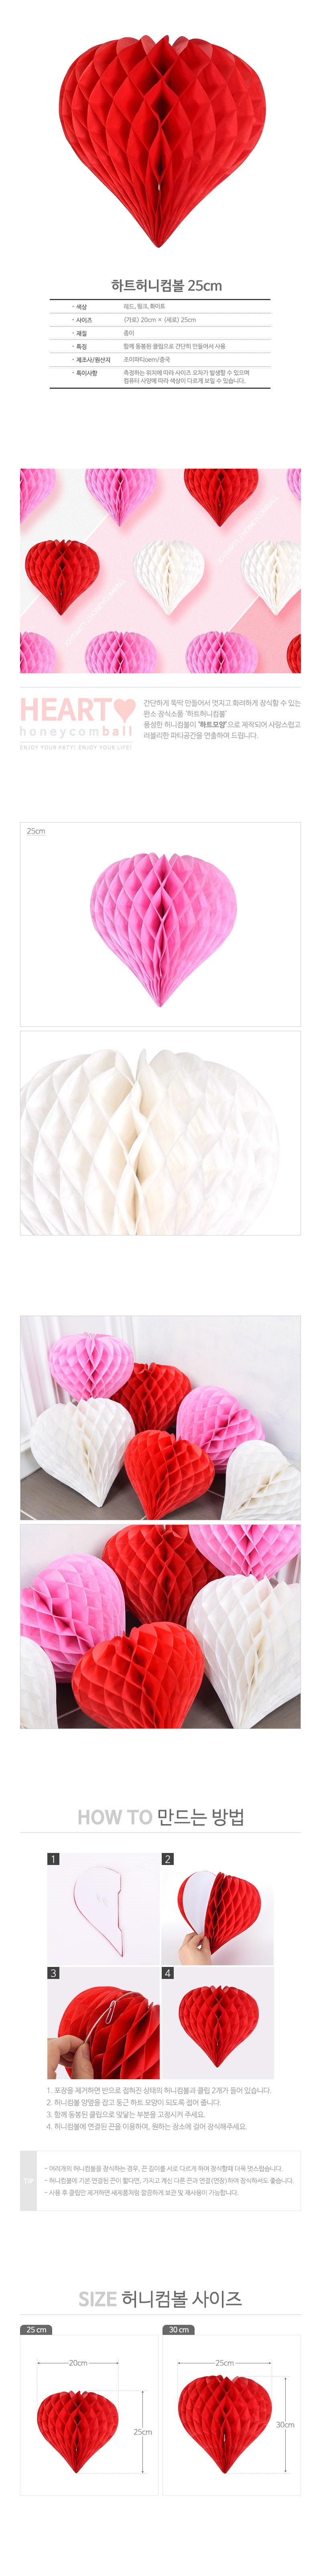 하트허니컴볼 25cm _partypang - 파티팡, 3,000원, 파티용품, 데코/장식용품